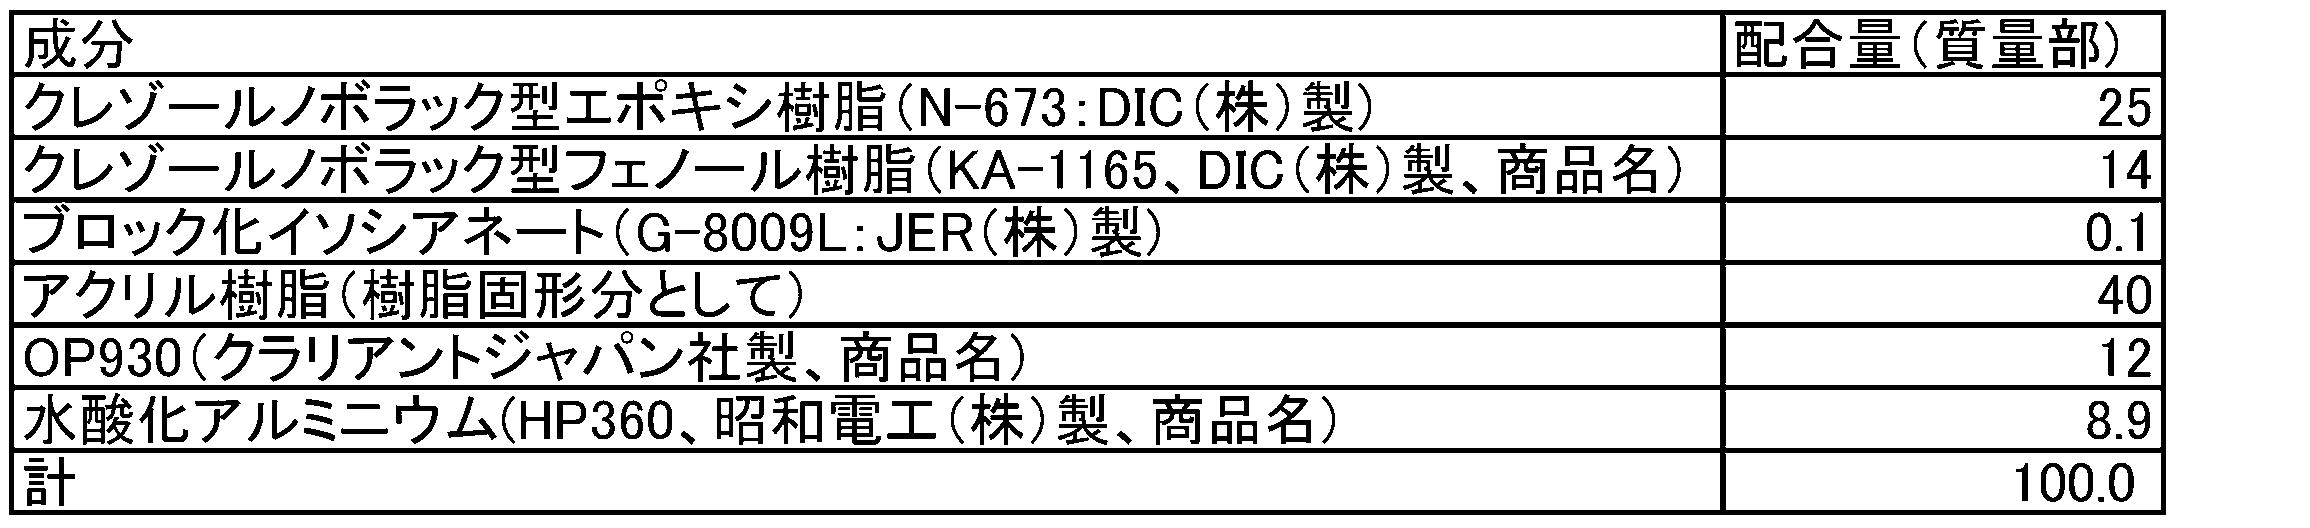 電工 株 九